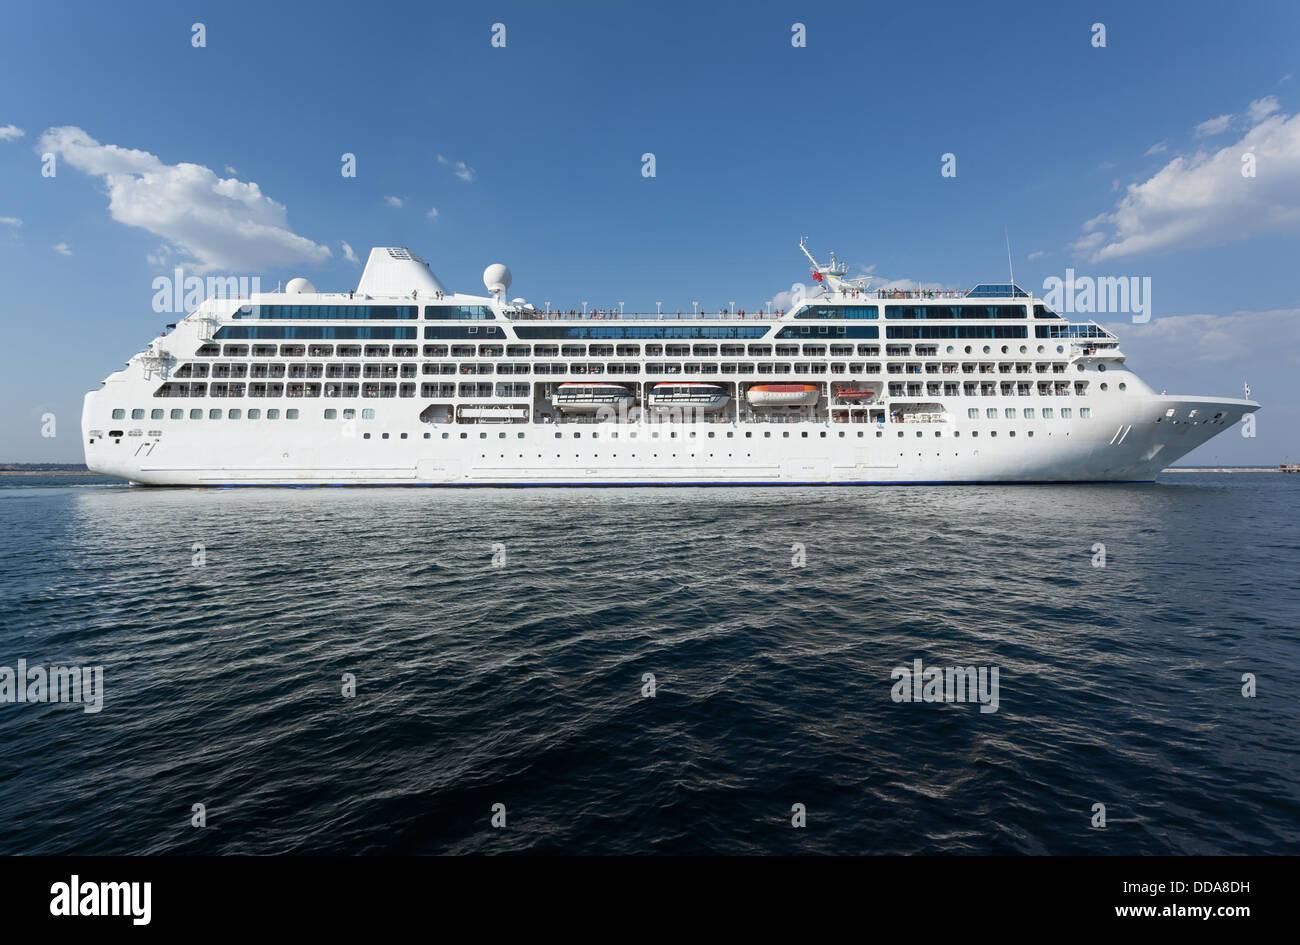 passenger ship afloat side whole - Stock Image